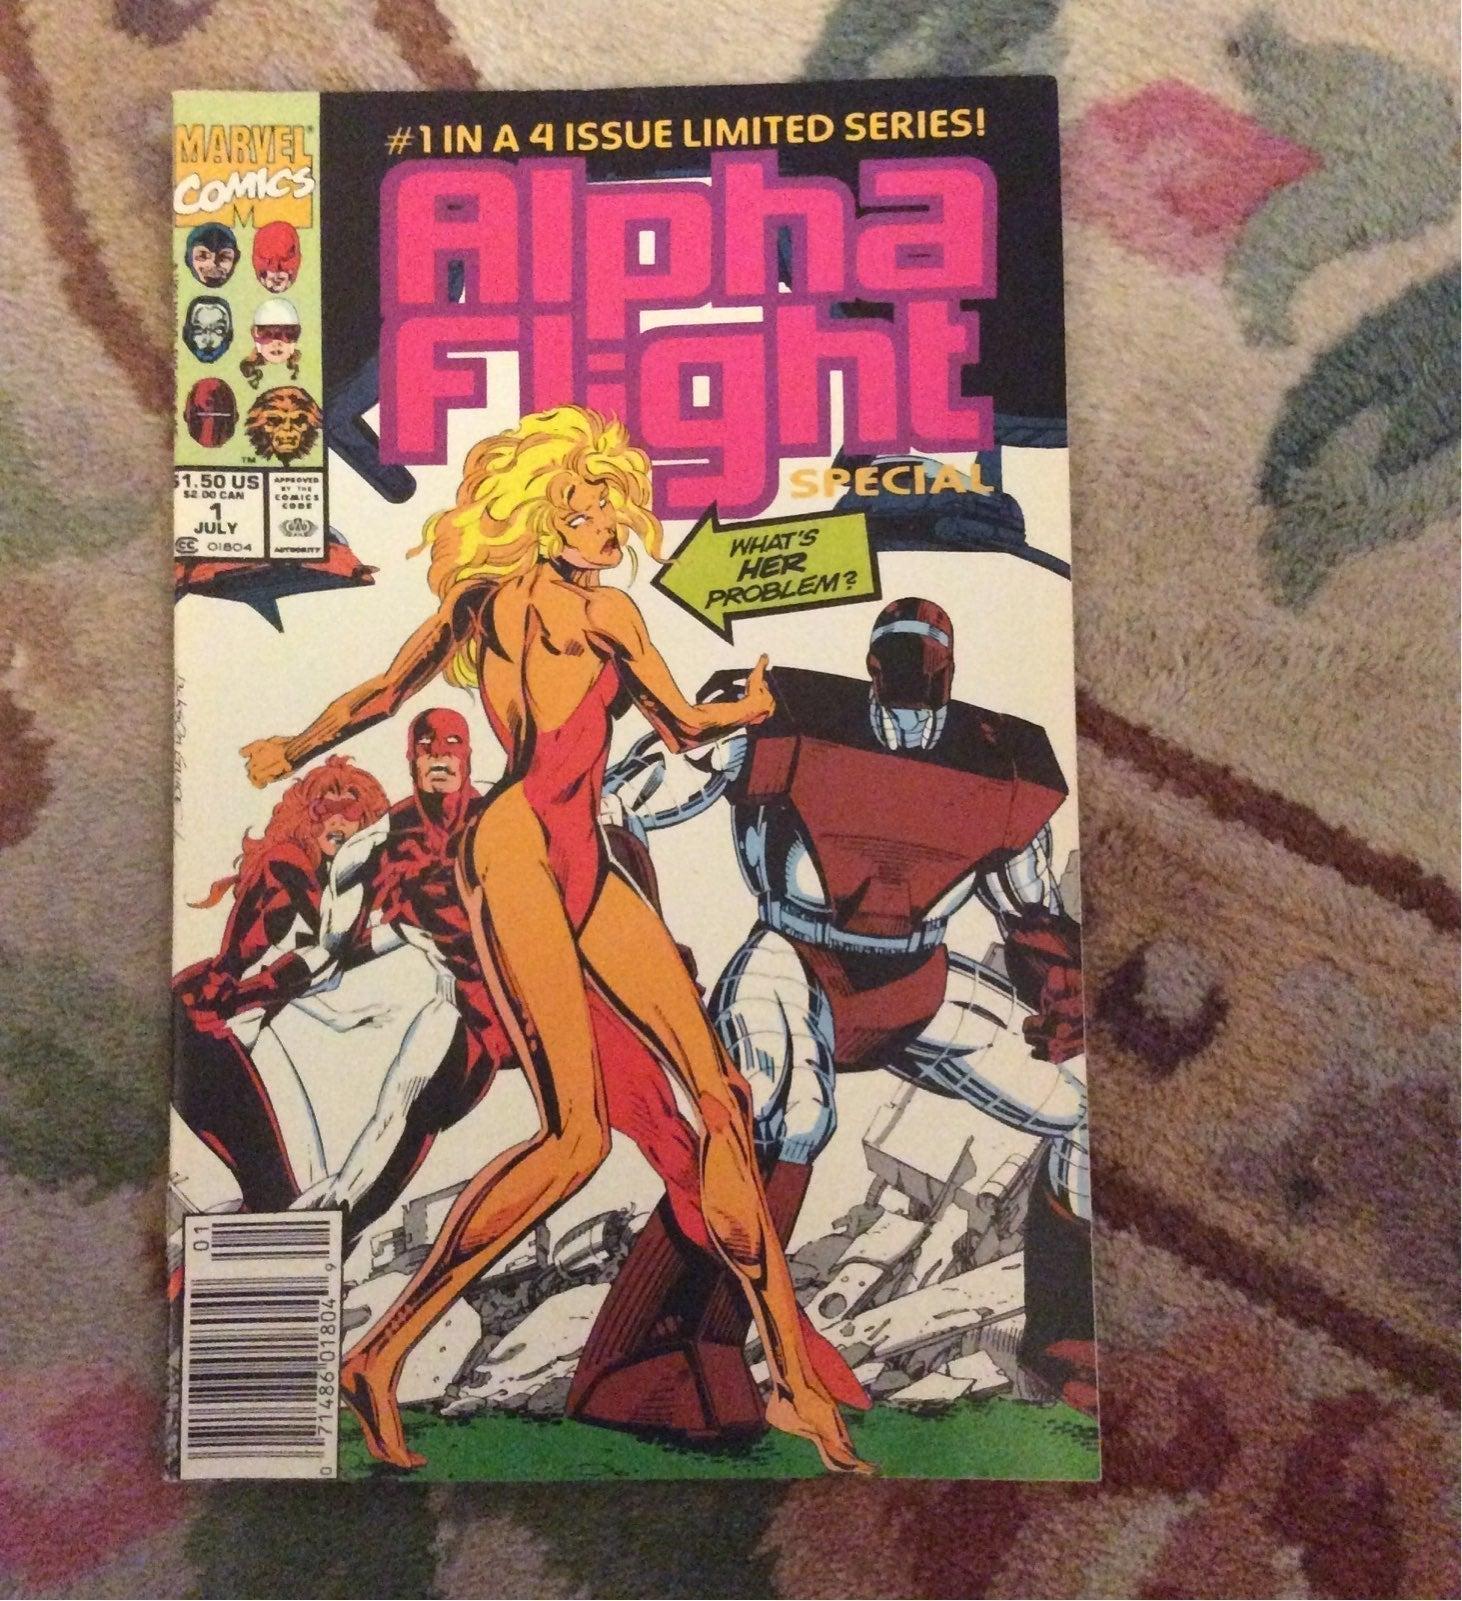 Alpha Flight Special #1